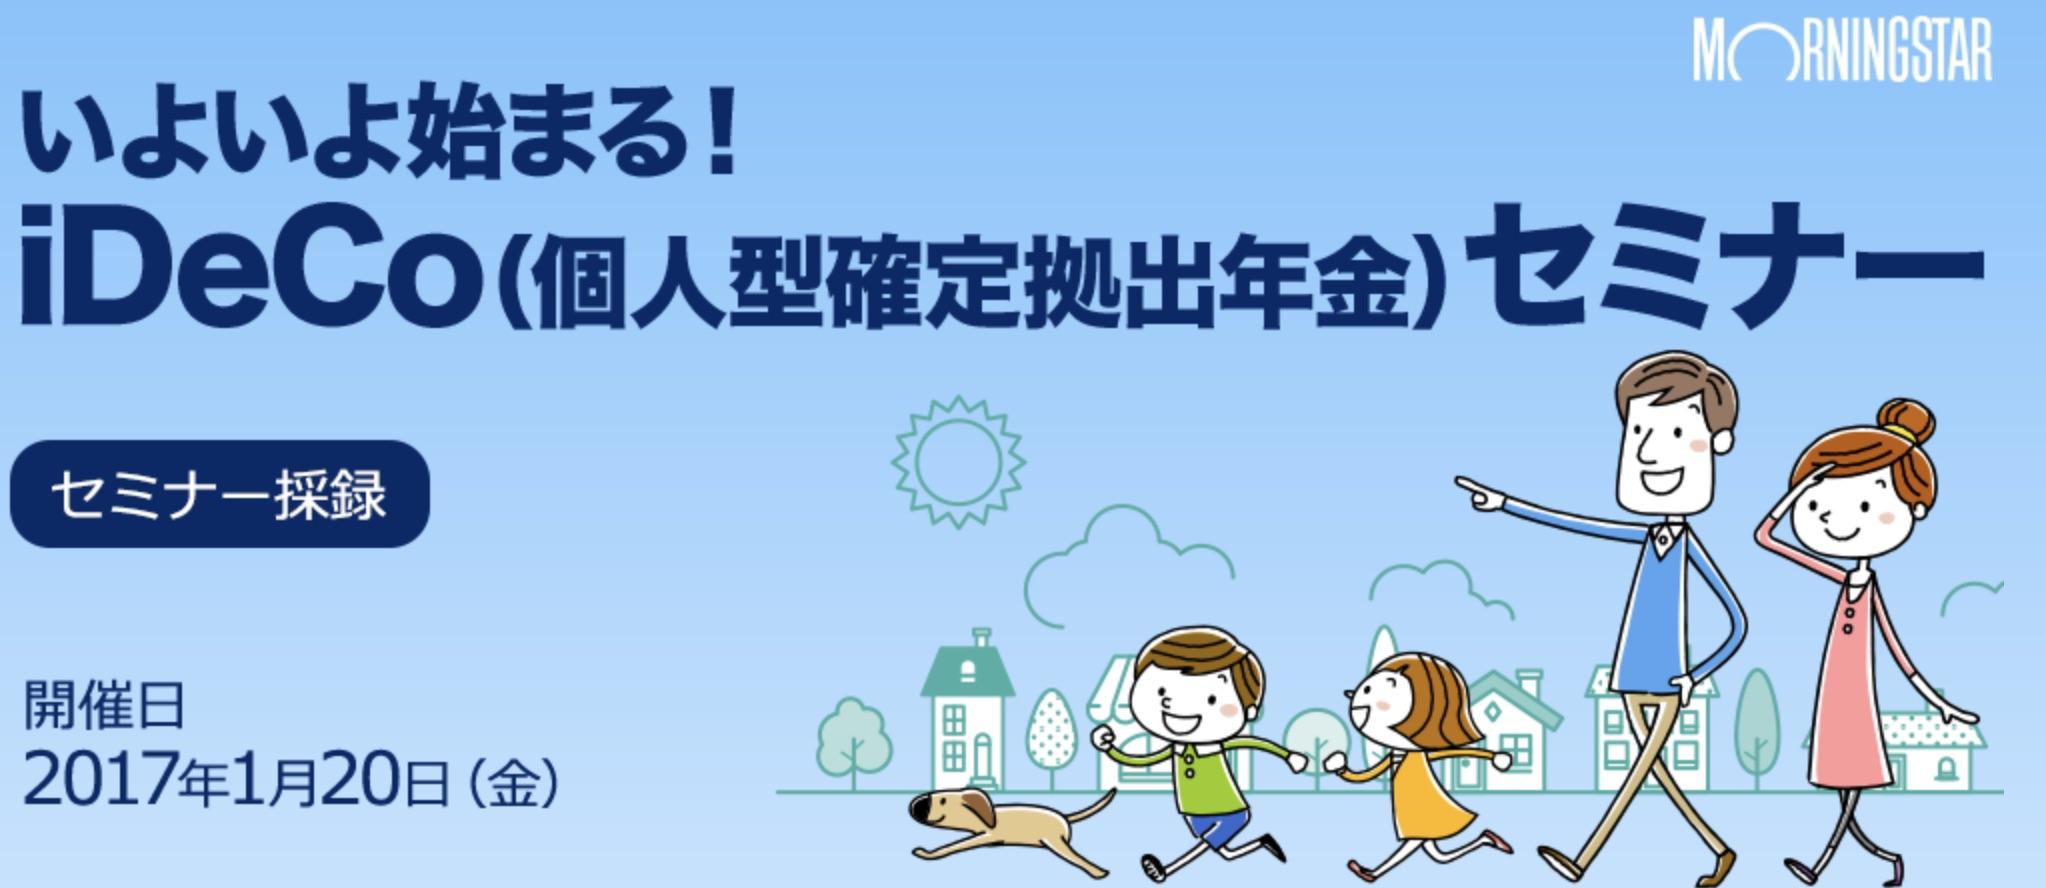 朝倉智也さんの無料セミナー「『iDeCo』で自分年金をつくる」が勉強になる。